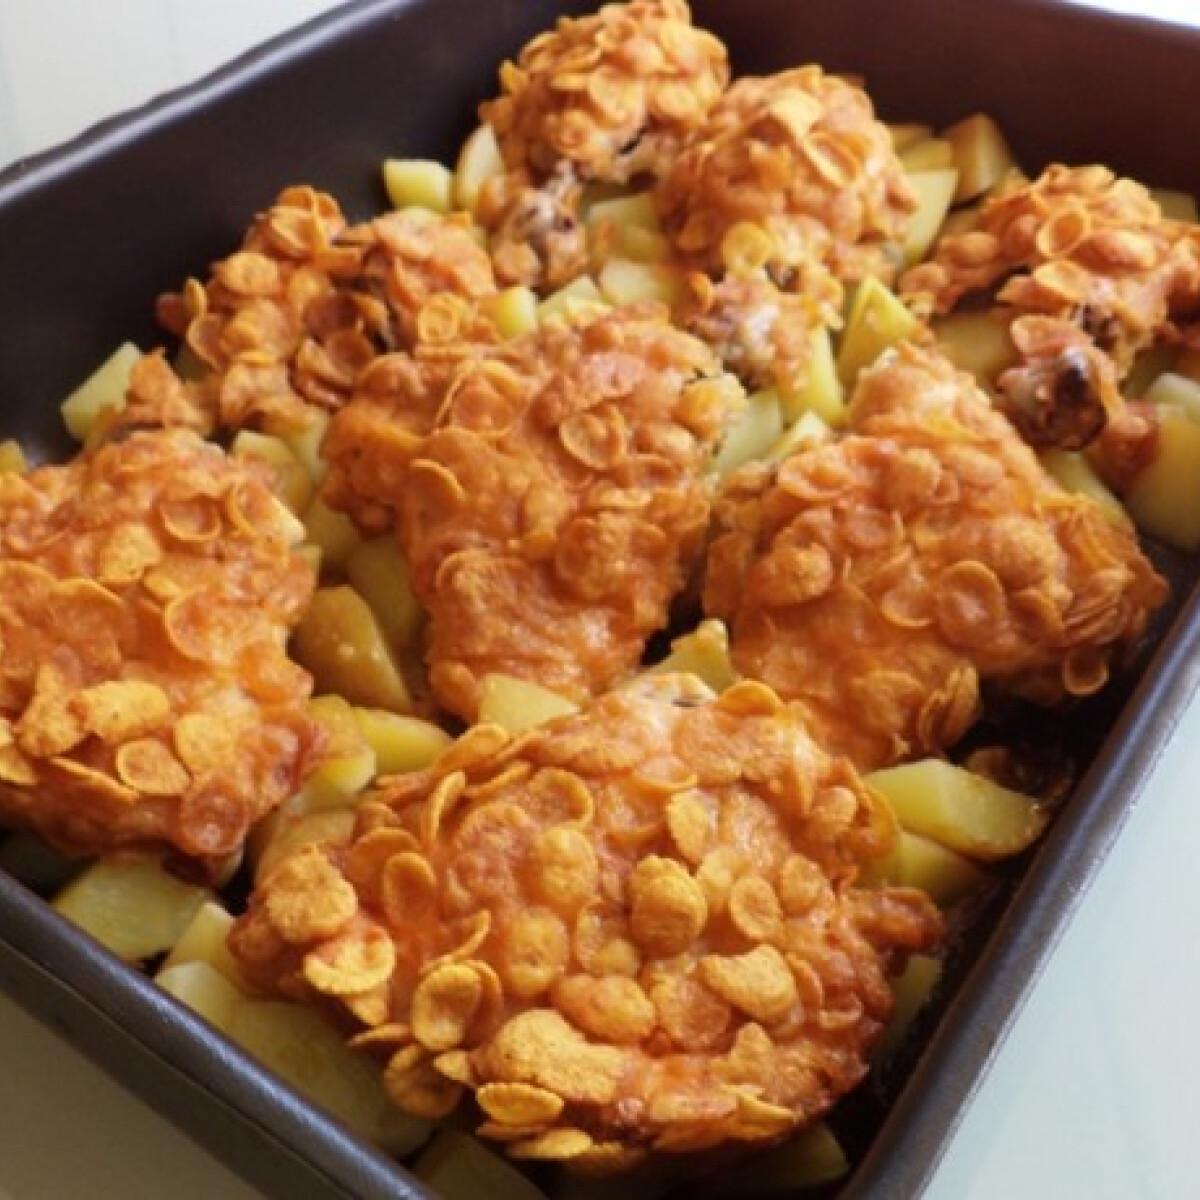 Ezen a képen: Kukoricapelyhes csirkecombok sütőben sütve